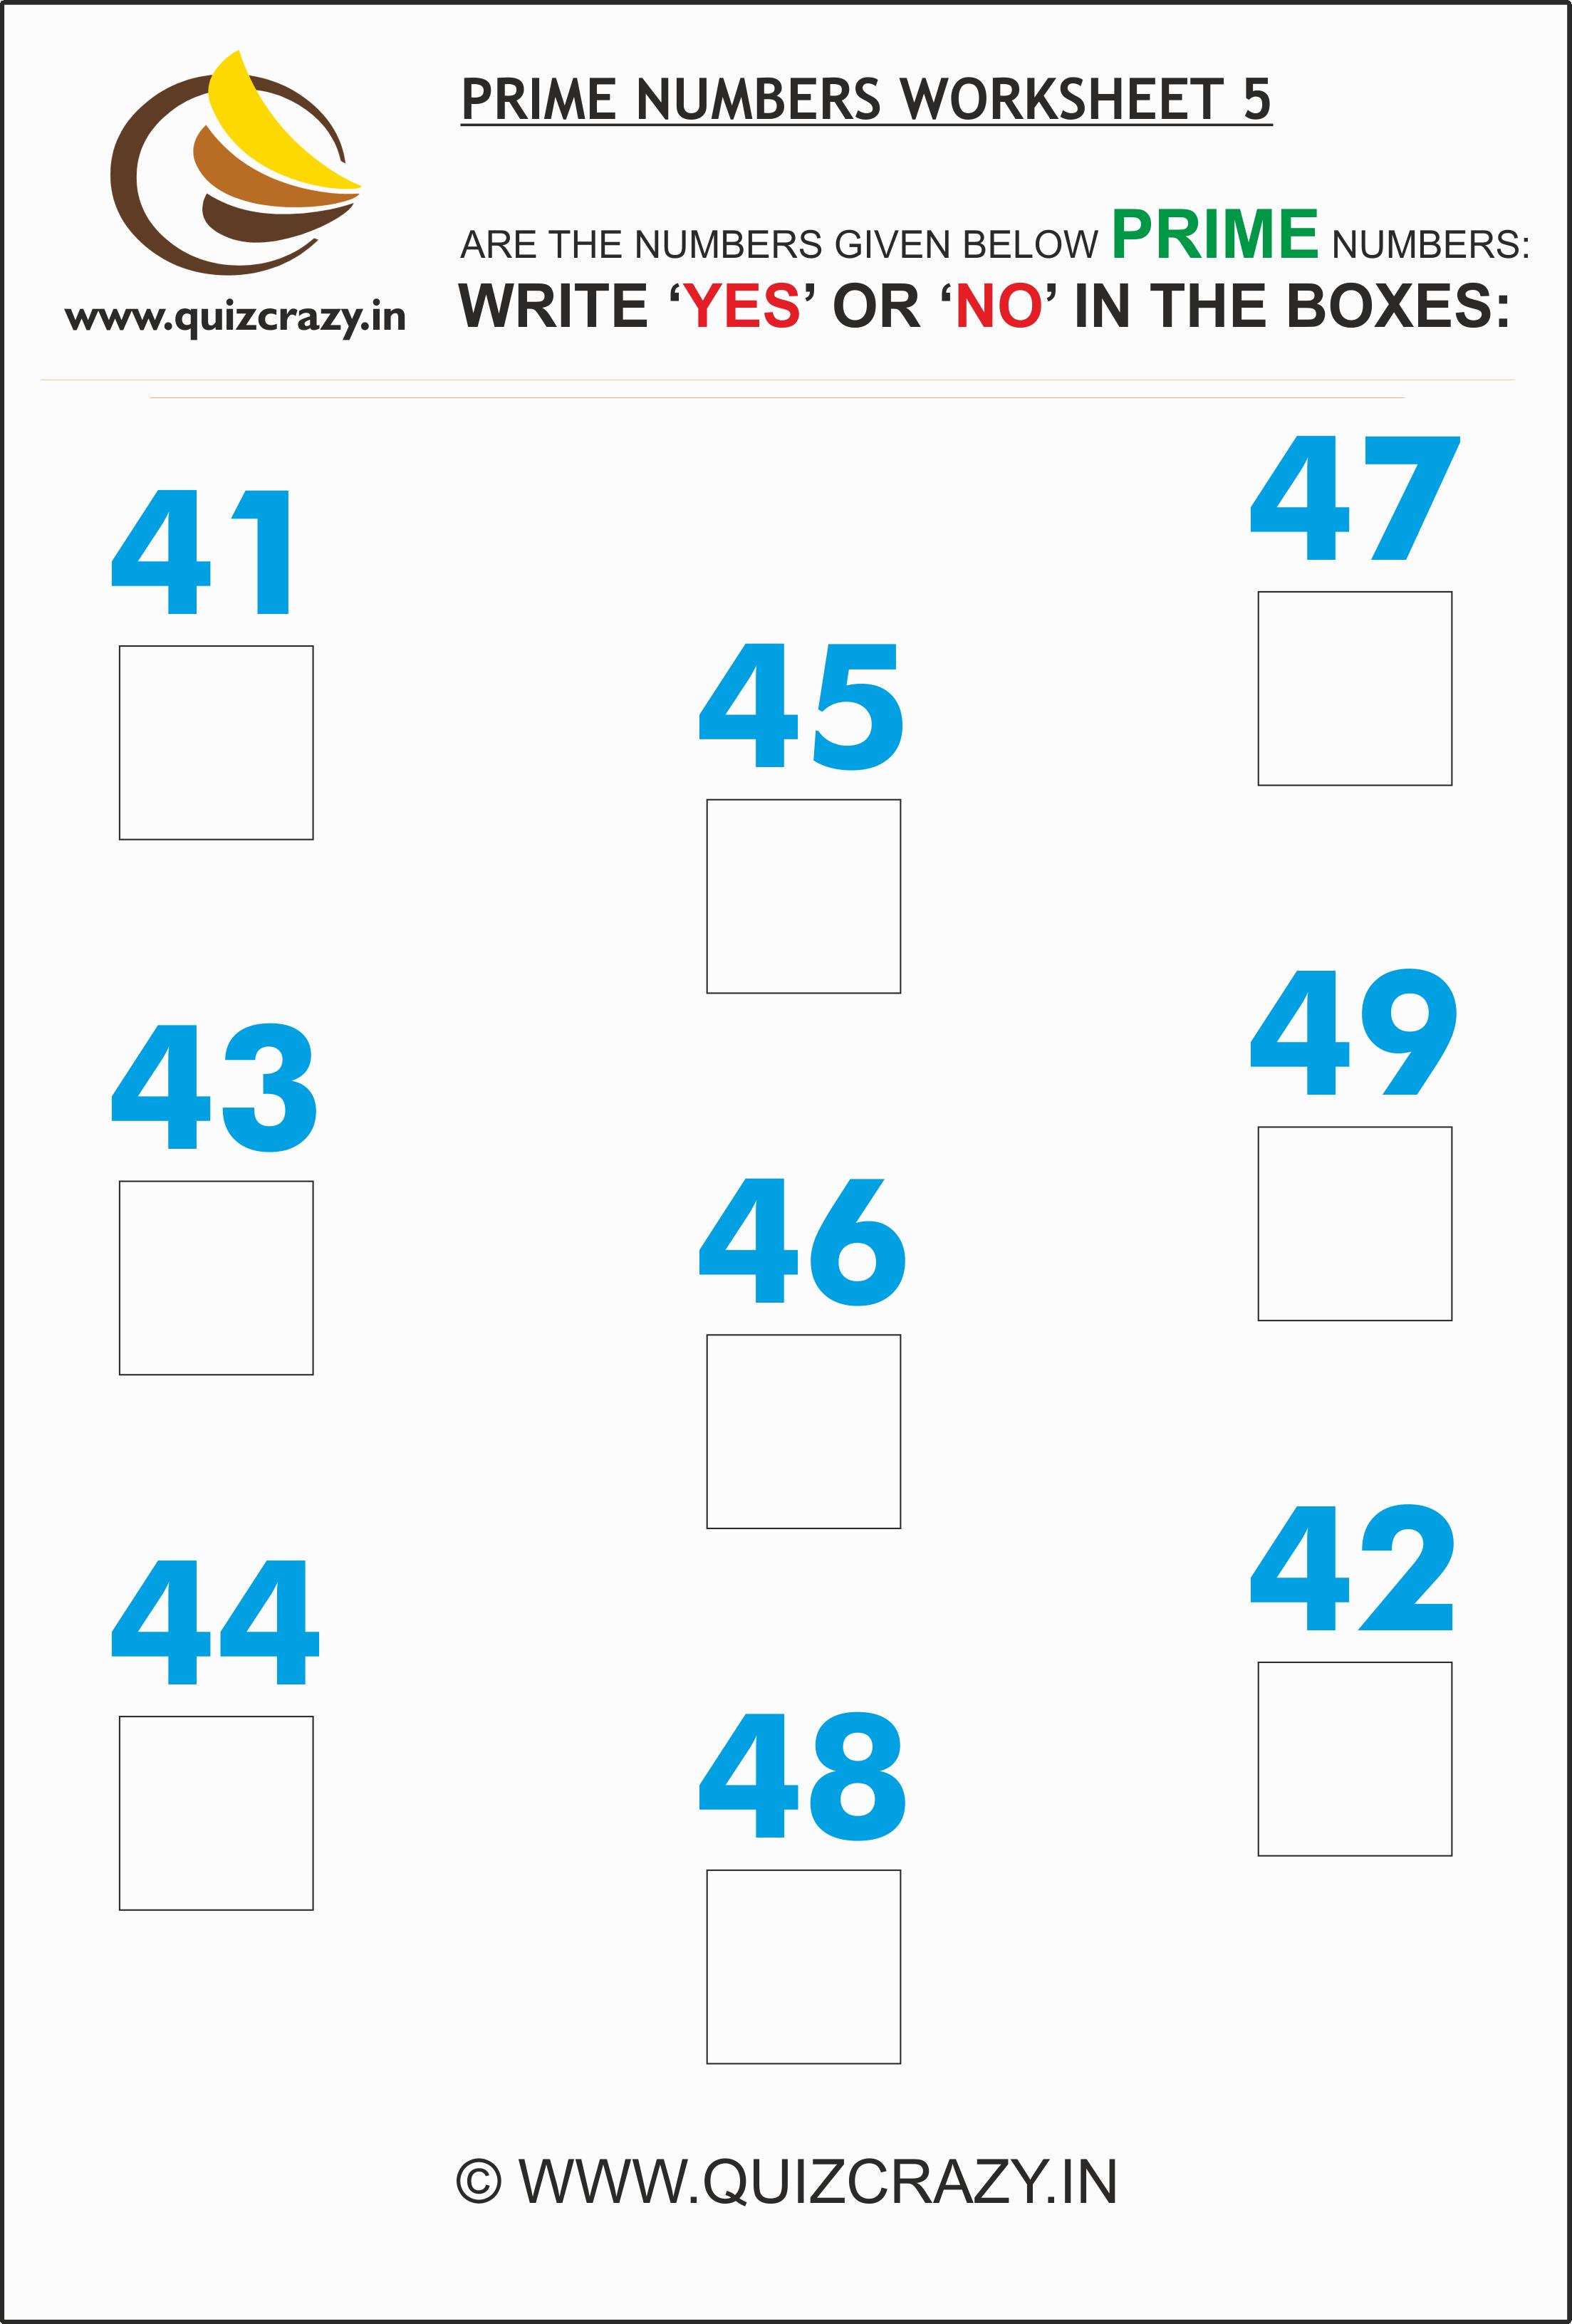 Prime Numbers Worksheet Set 5